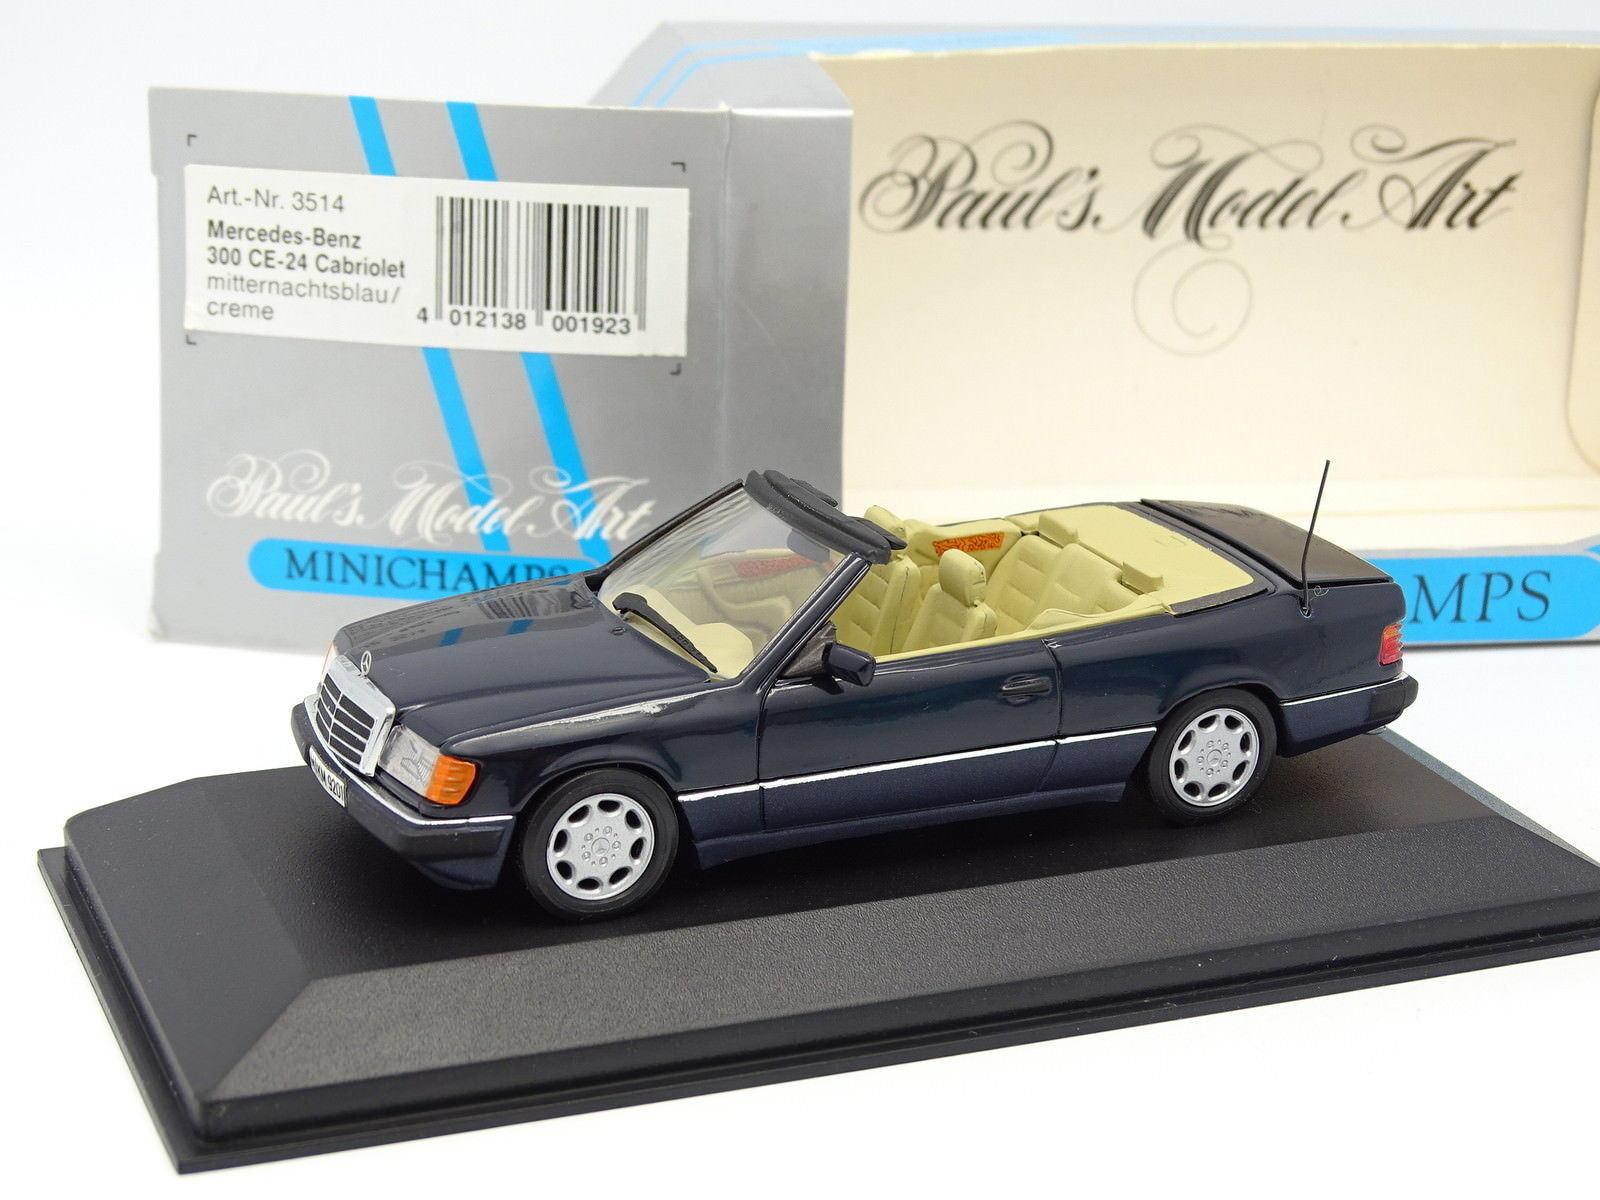 Minichamps 1 43 - Mercedes W124 300 Este 24 Cabriolet Azul